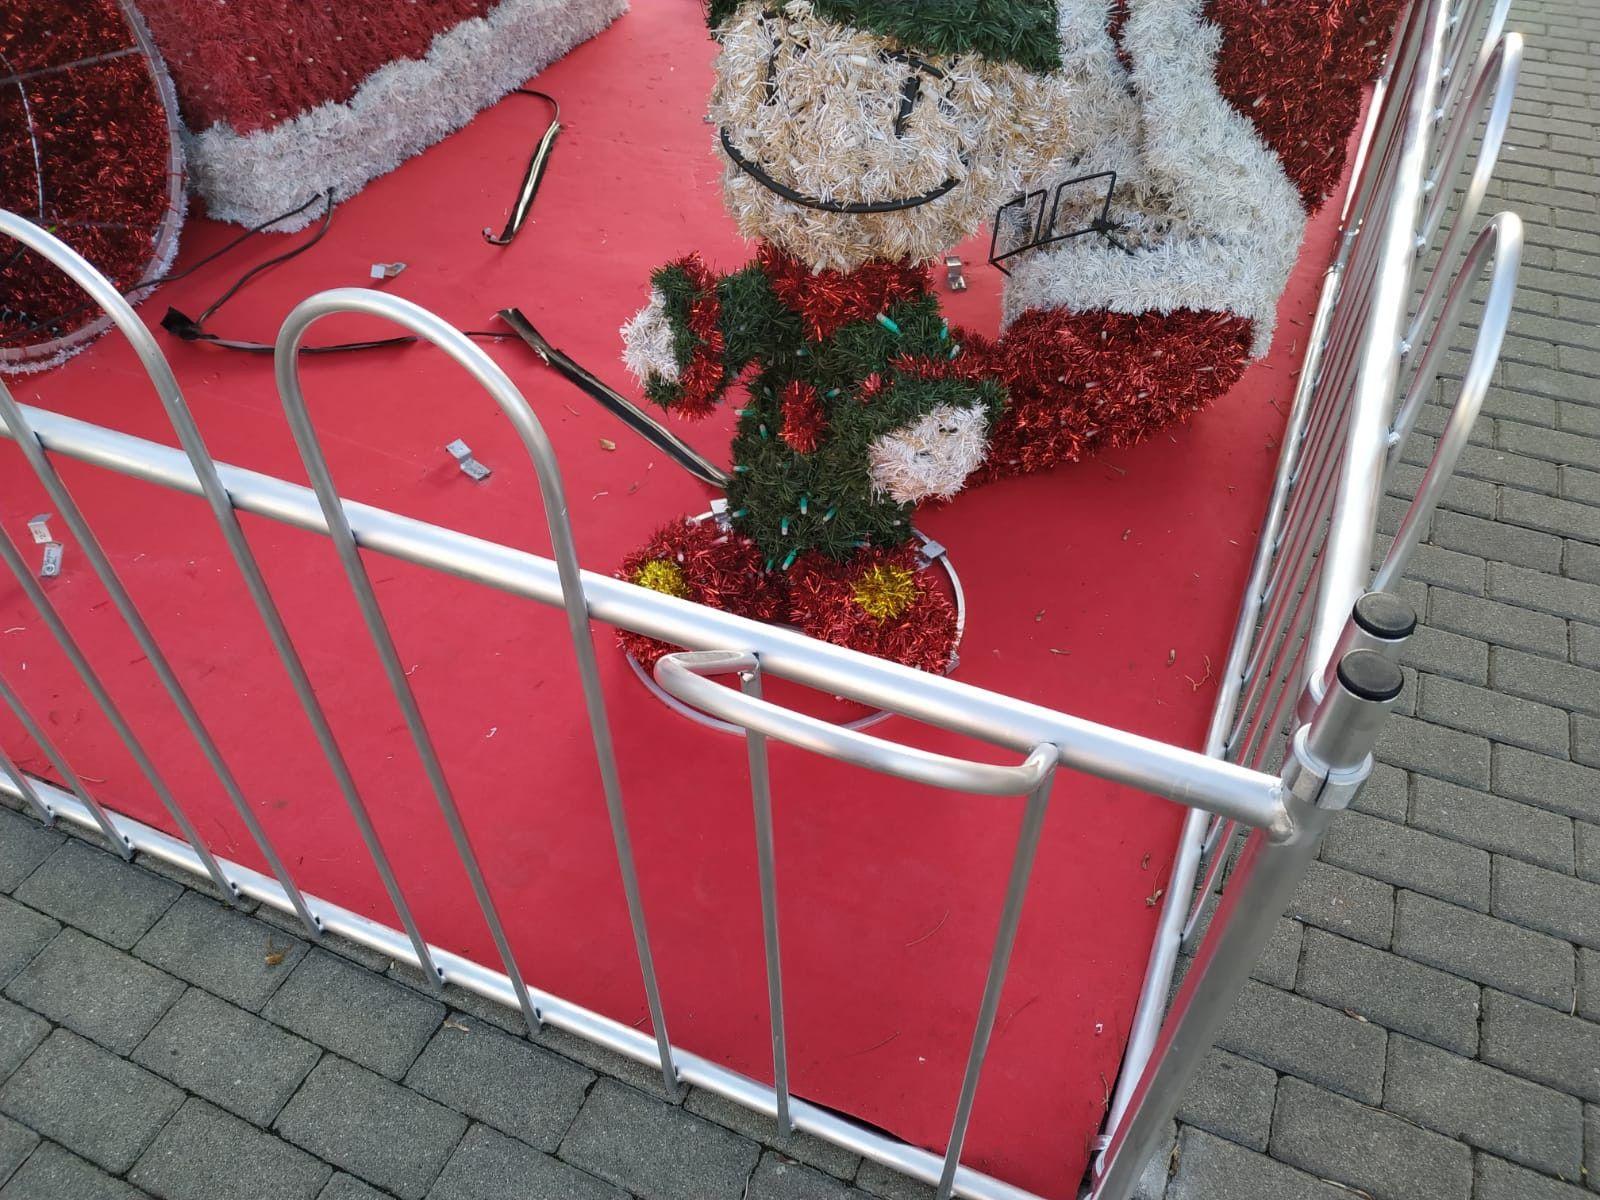 Decoracion navideña benavente vandalos (3)